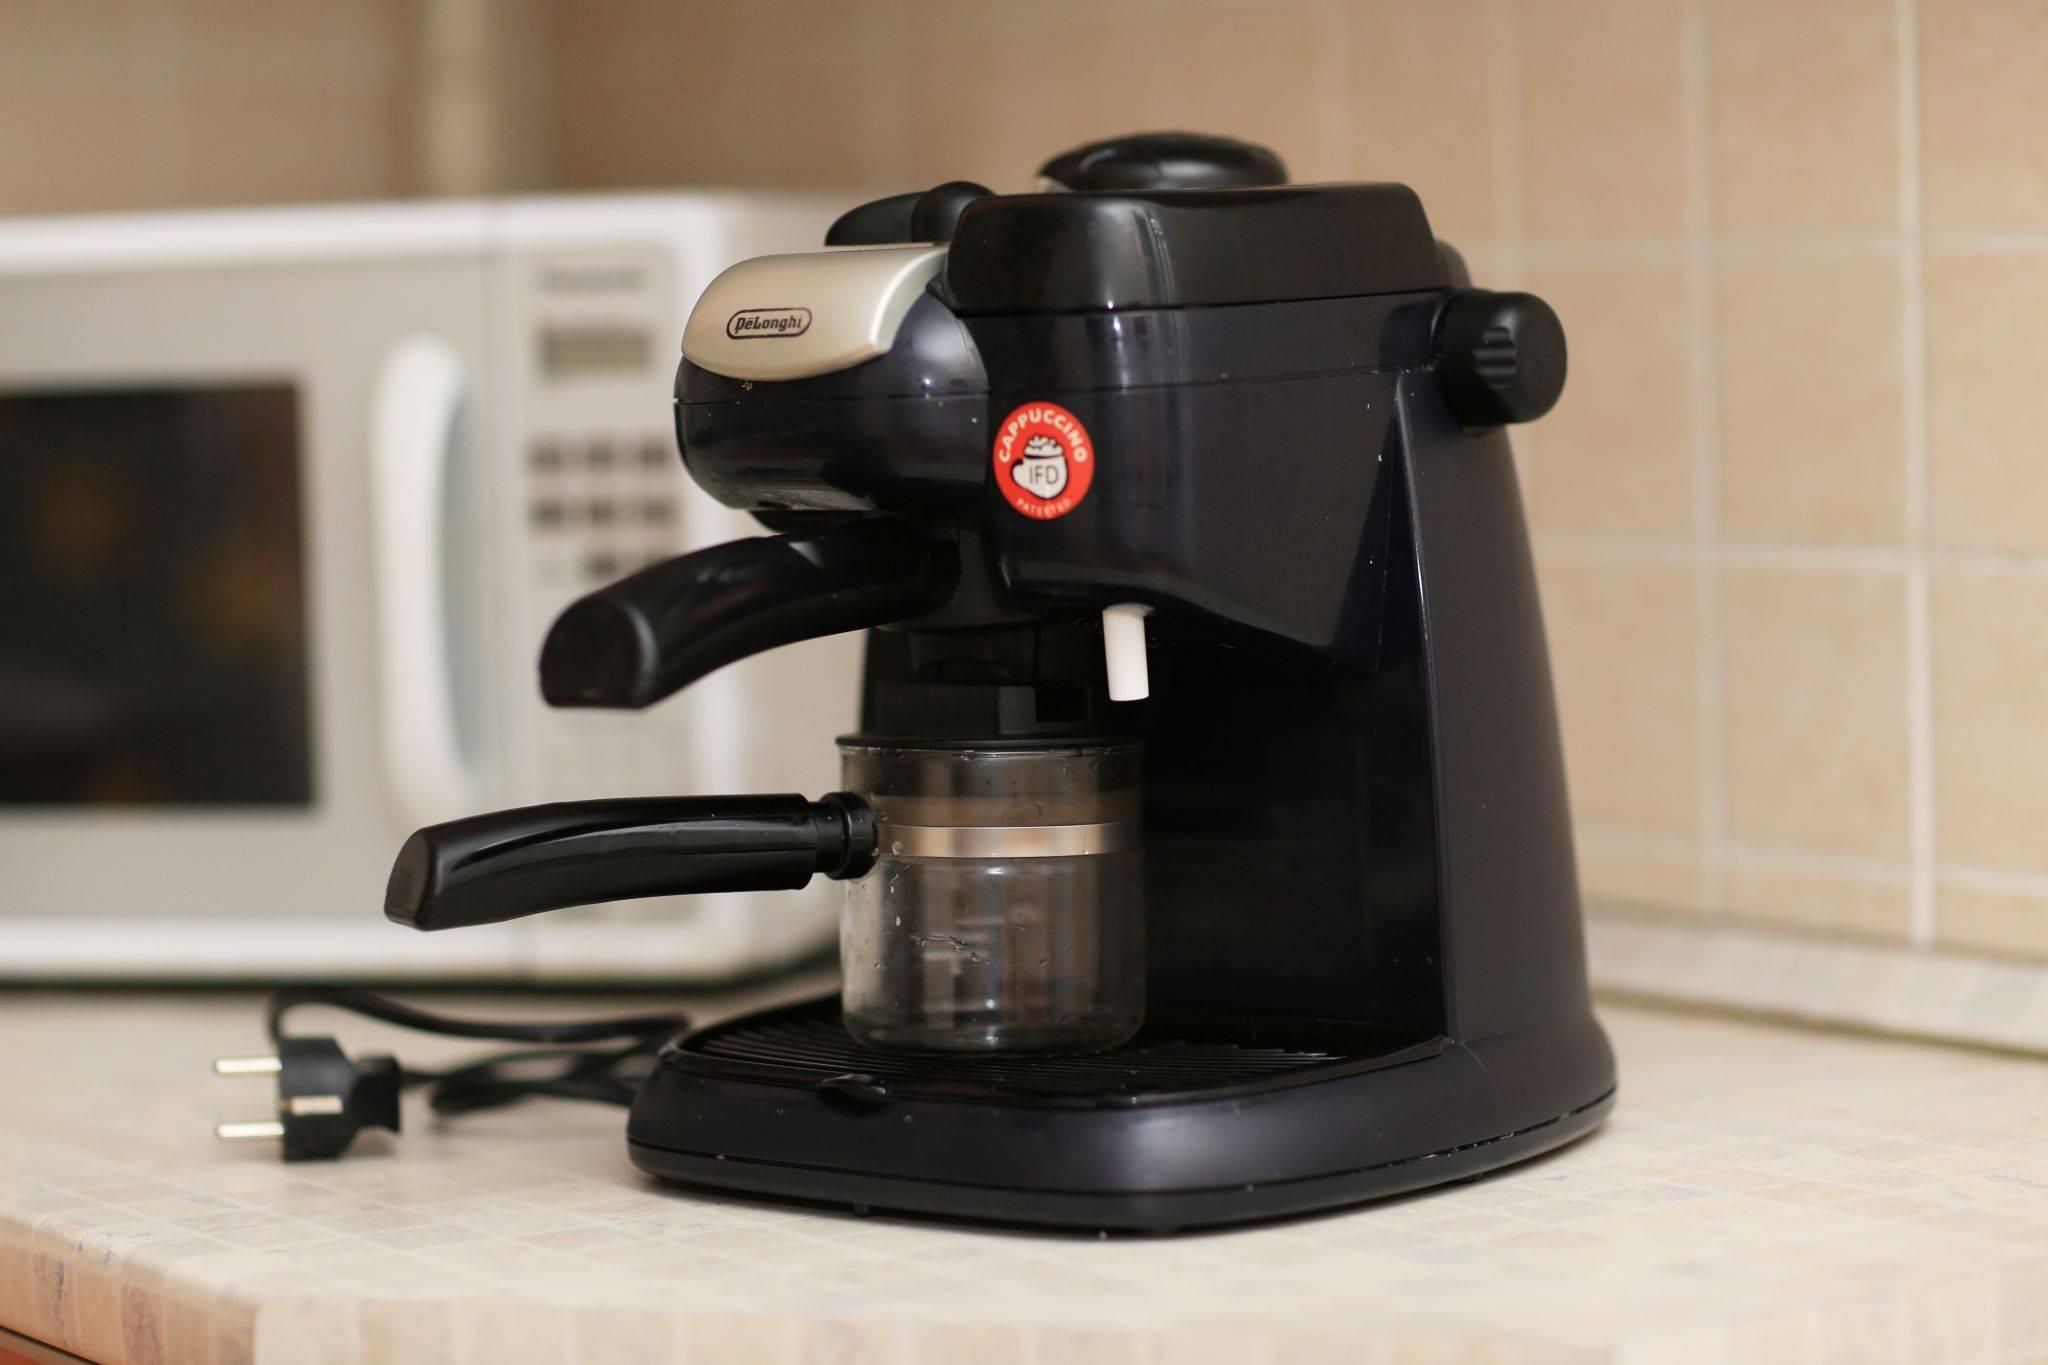 Delonghi ес 685: инструкция и описание модели. преимущества, недостатки, особенности эксплуатации. способы ухода за кофеваркой